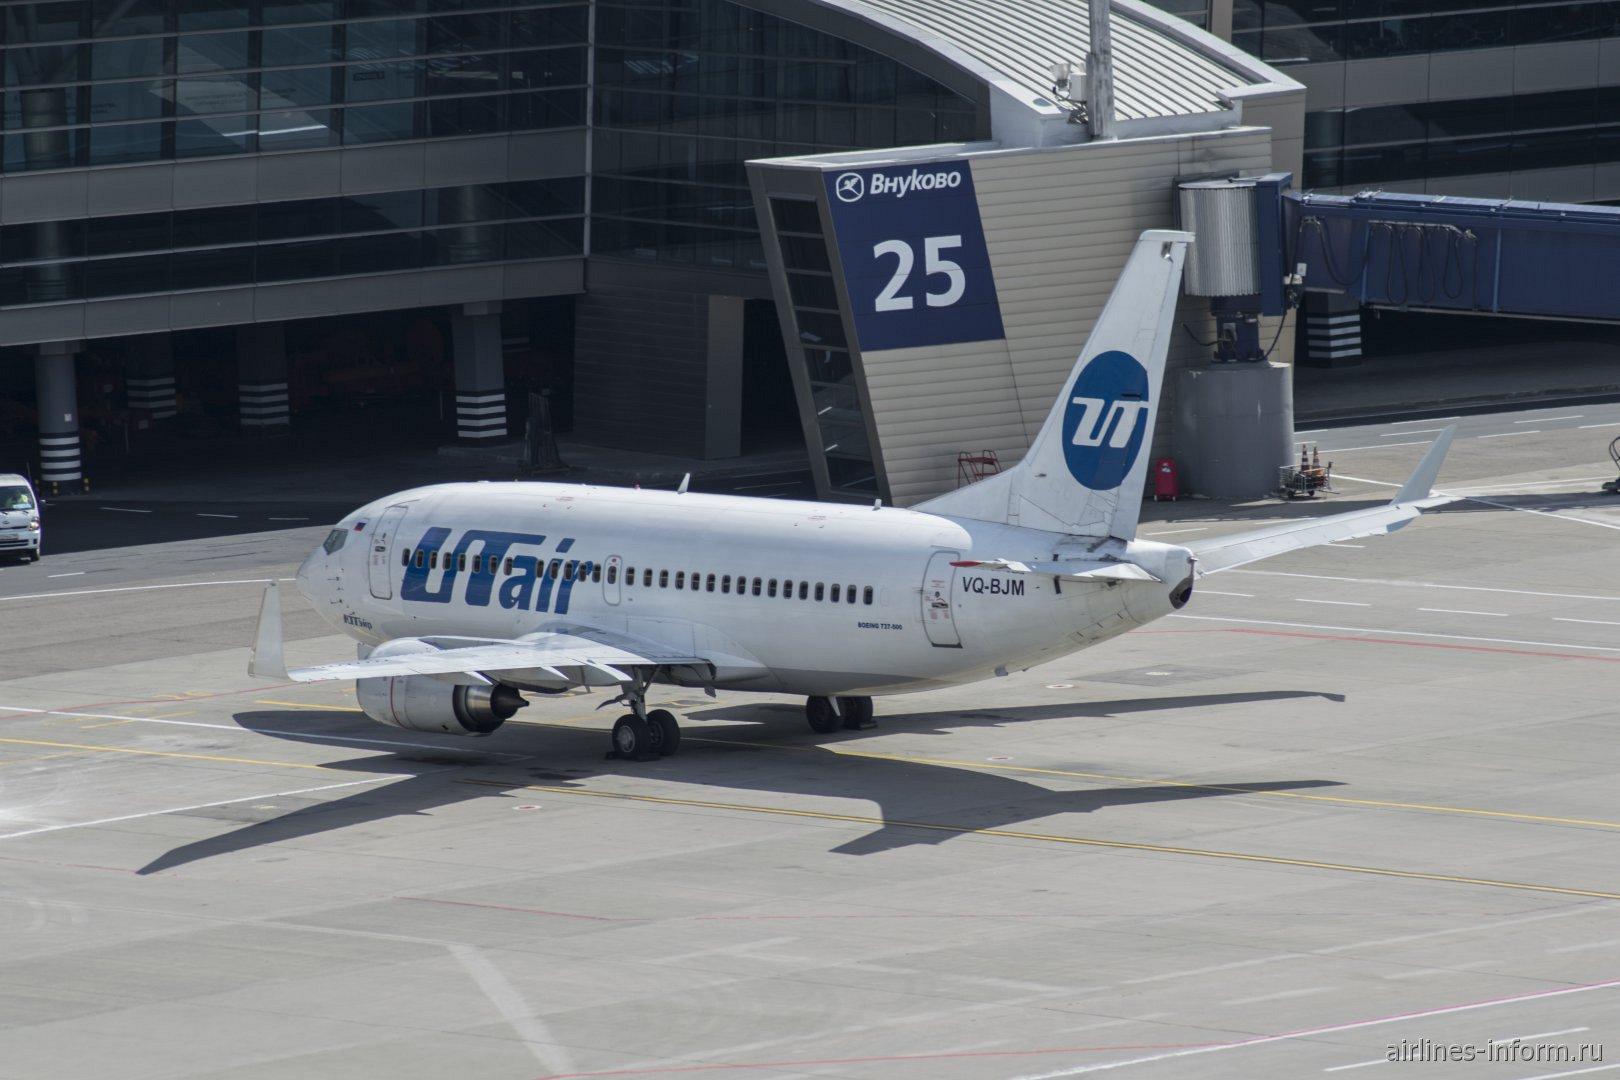 Боинг-737-500 VQ-BJM авиакомпании UTair у пассажирского терминала аэропорта Внуково